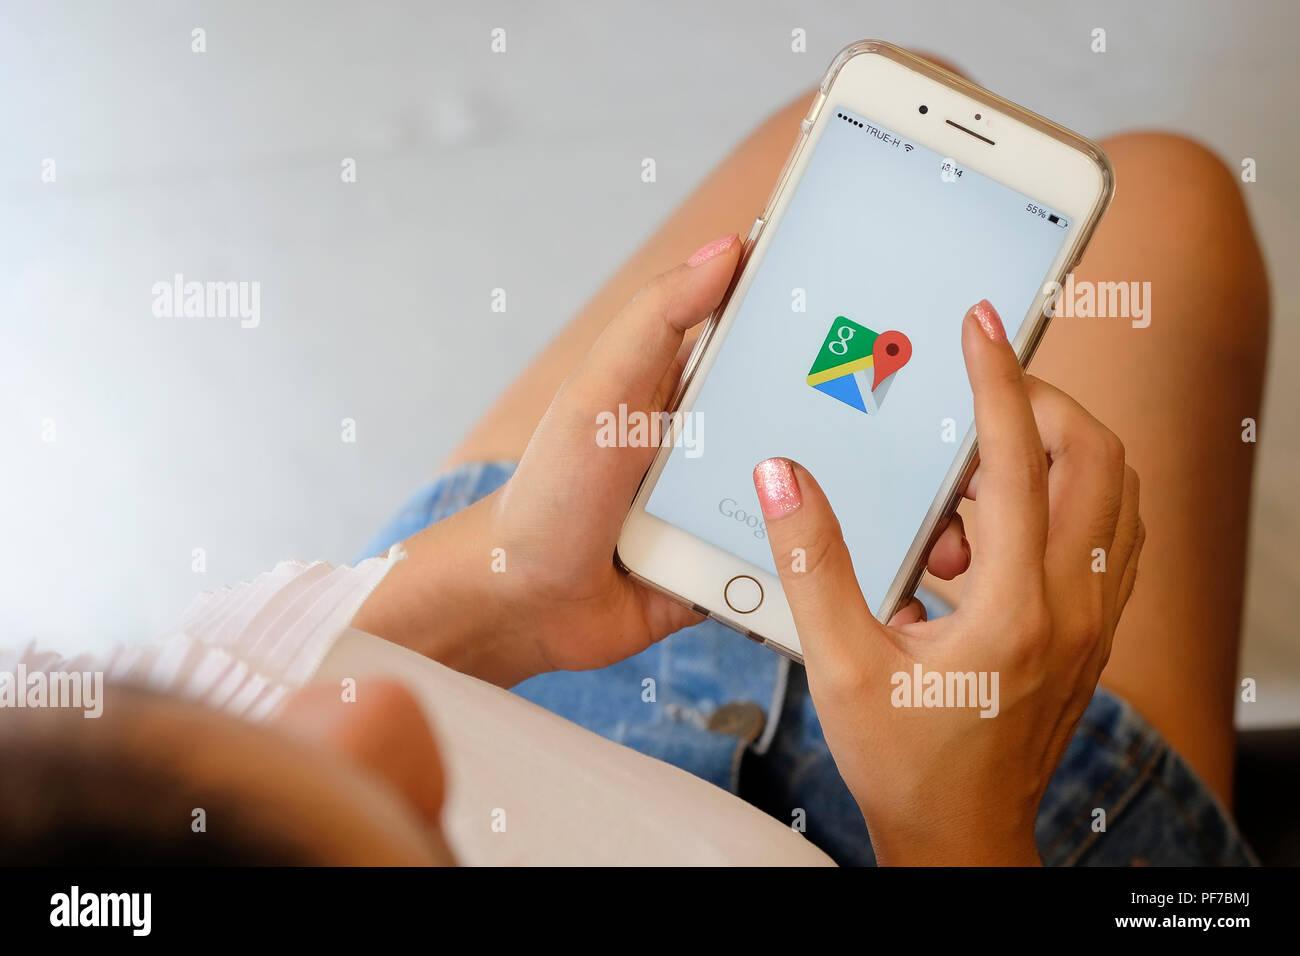 CHIANGMAI, Thailand Juli 25, 2018: Iphone 7 plus Plus mit ...